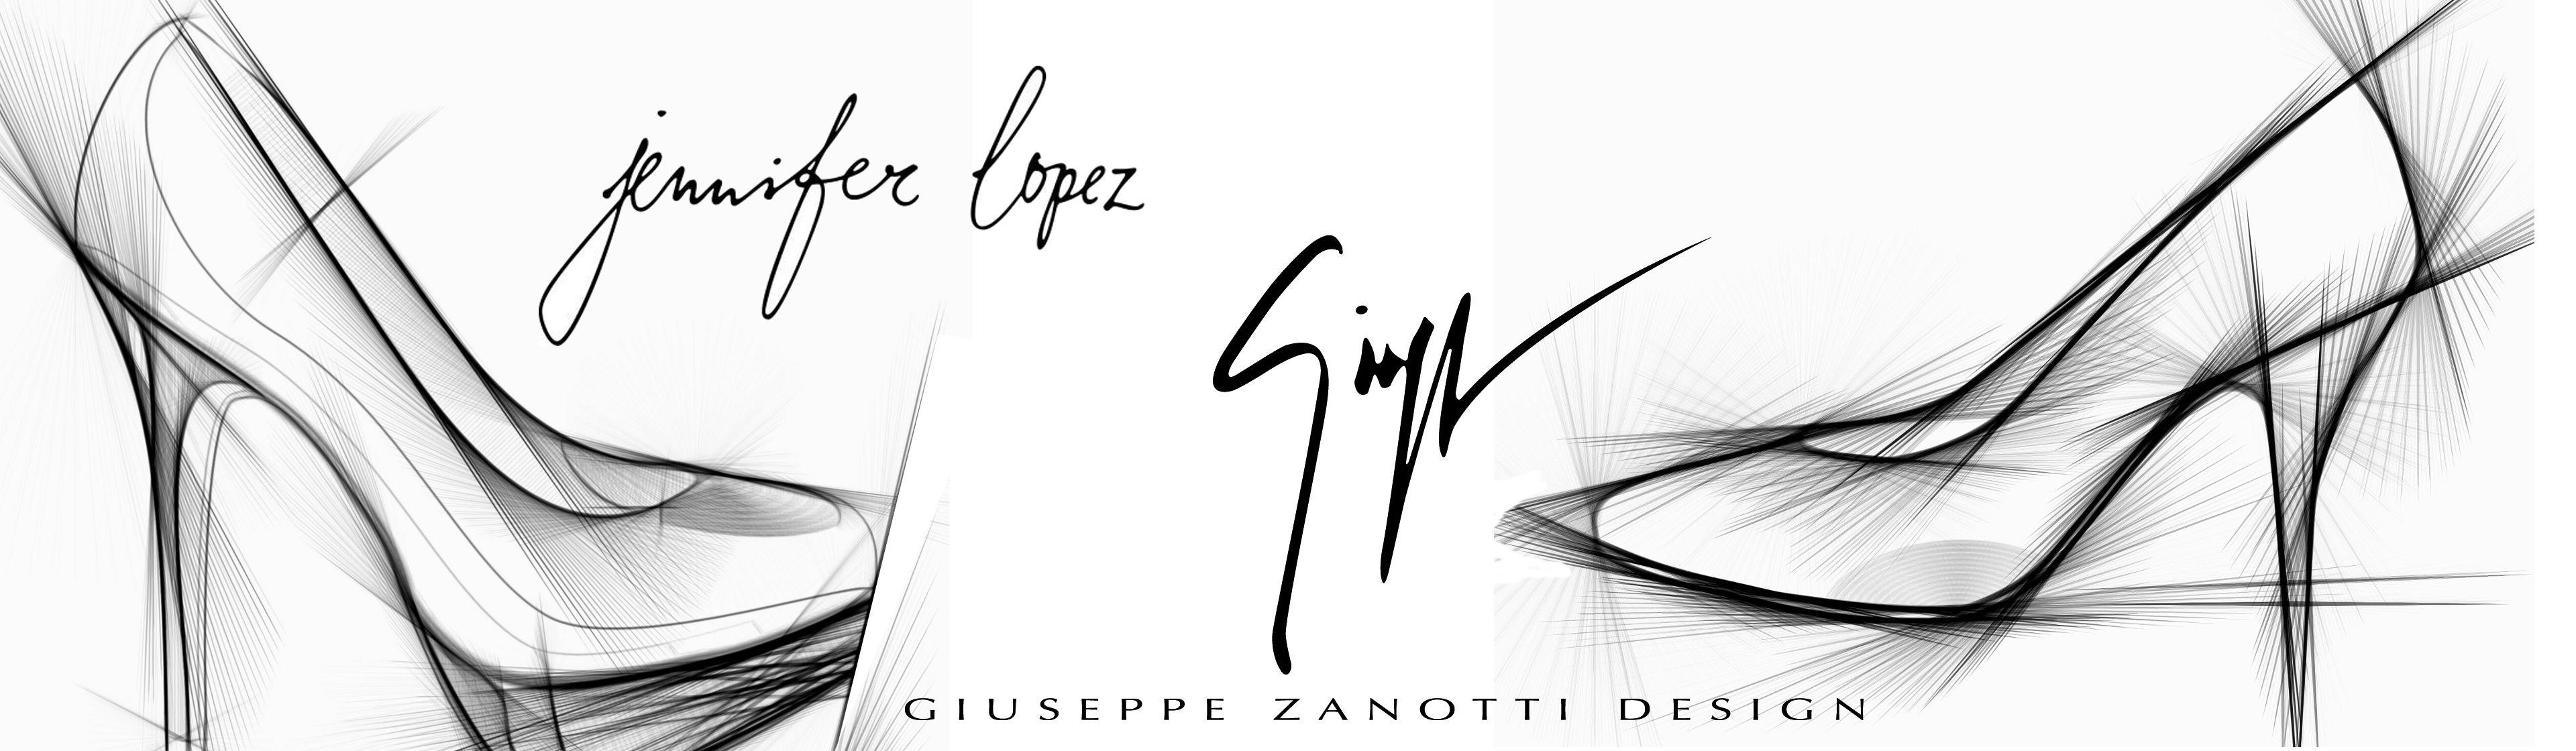 Jennifer Lopez and Giuseppe Zanotti Join Forces